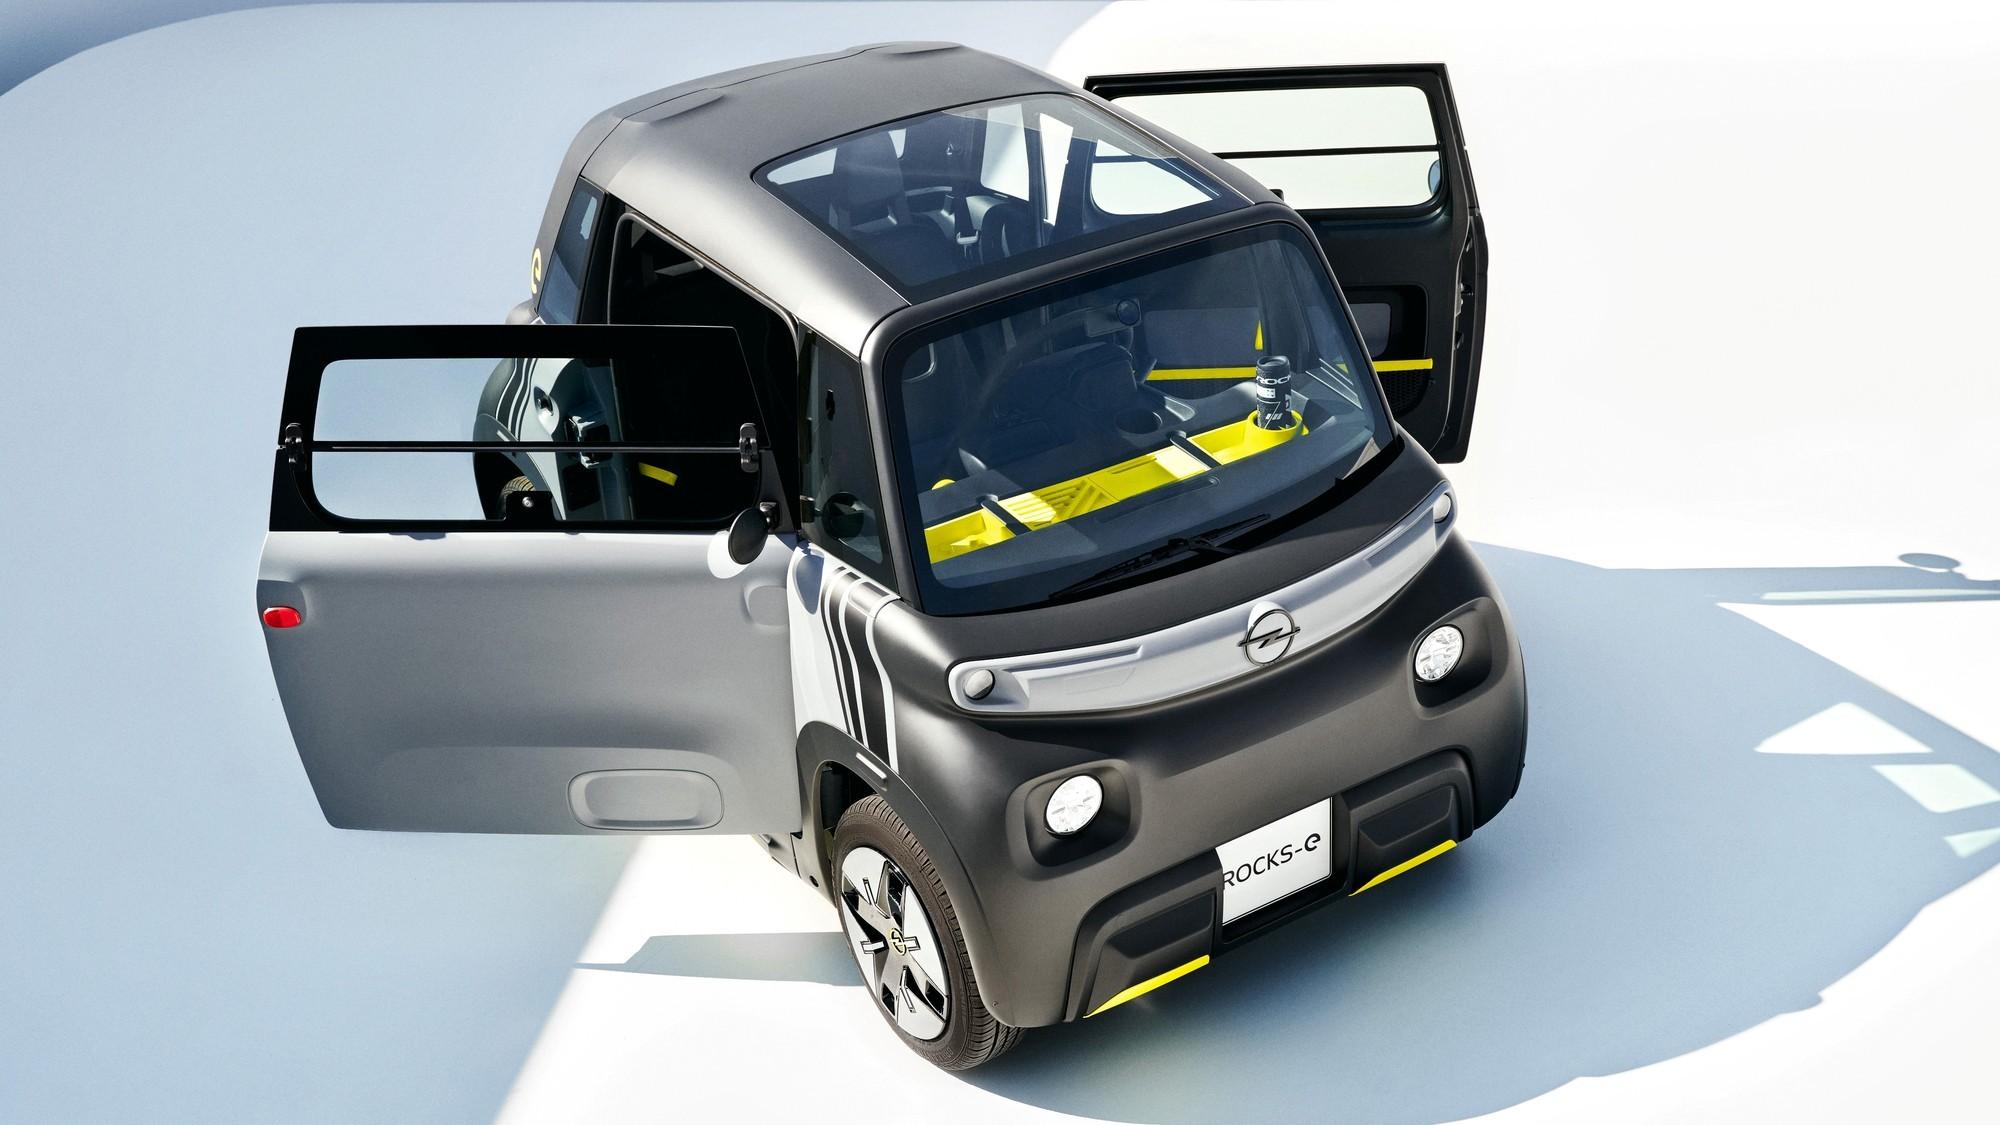 Дешевле некуда: Opel Rocks-e нацелился на европейскую молодёжь